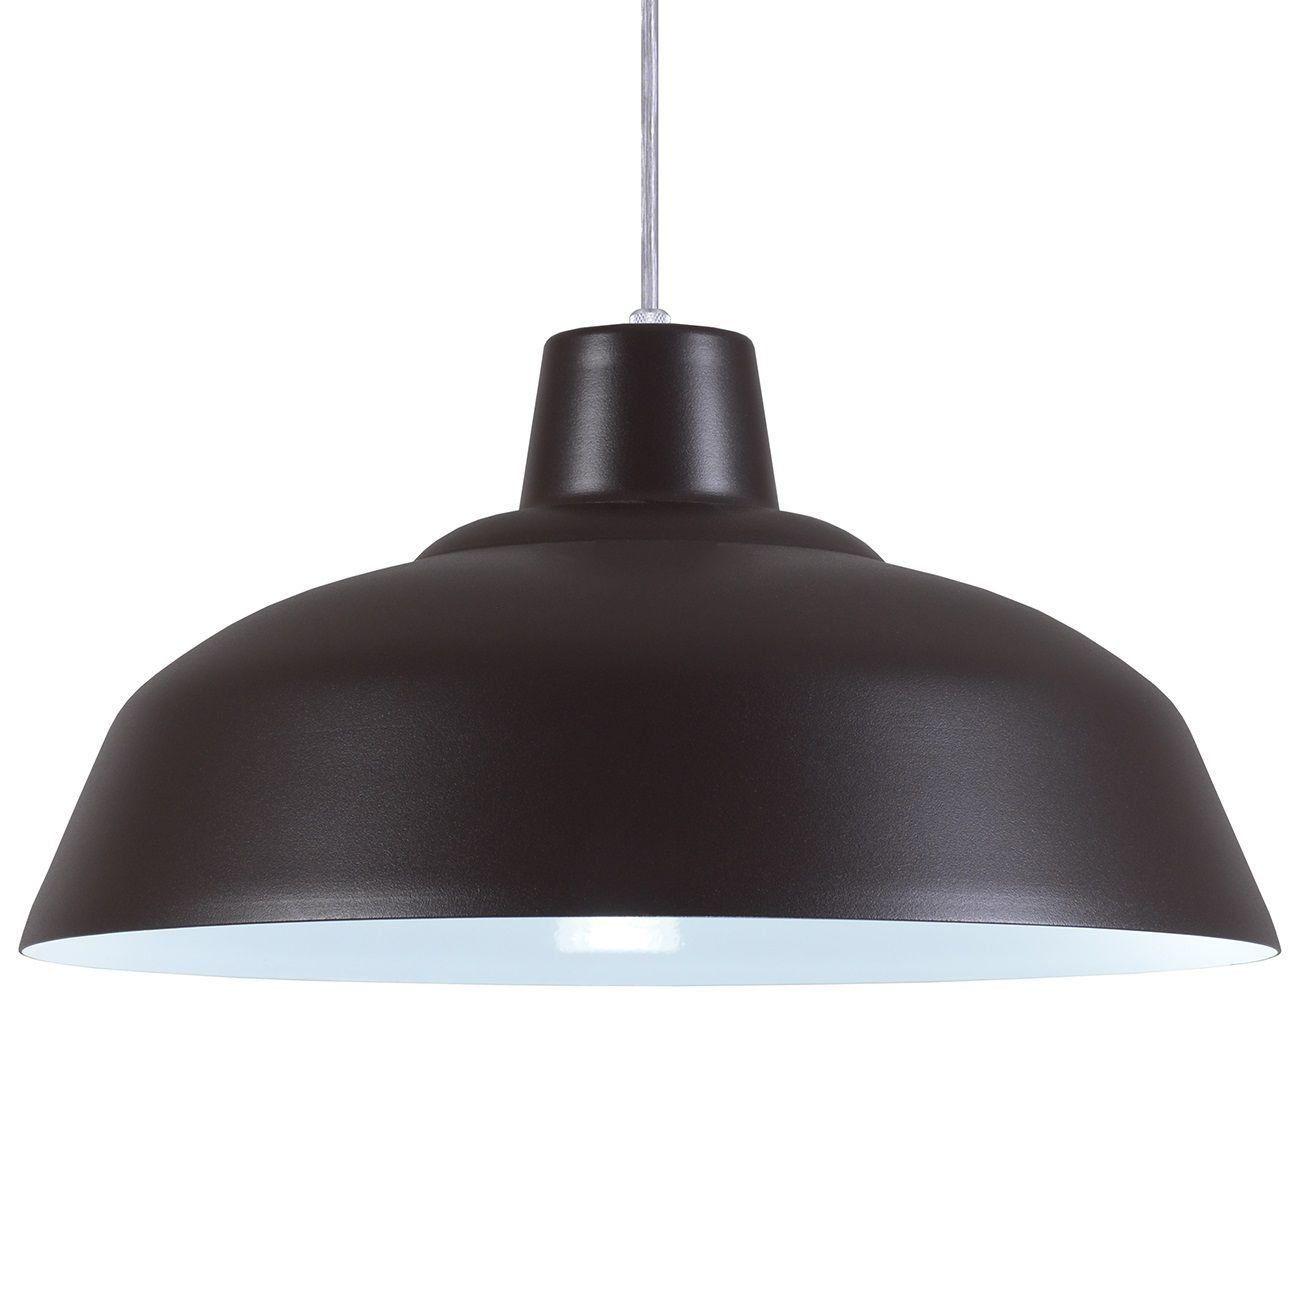 Pendente Retrô 34cm Luminária Lustre Alumínio Marrom Tabaco Textura - Rei Da Iluminação